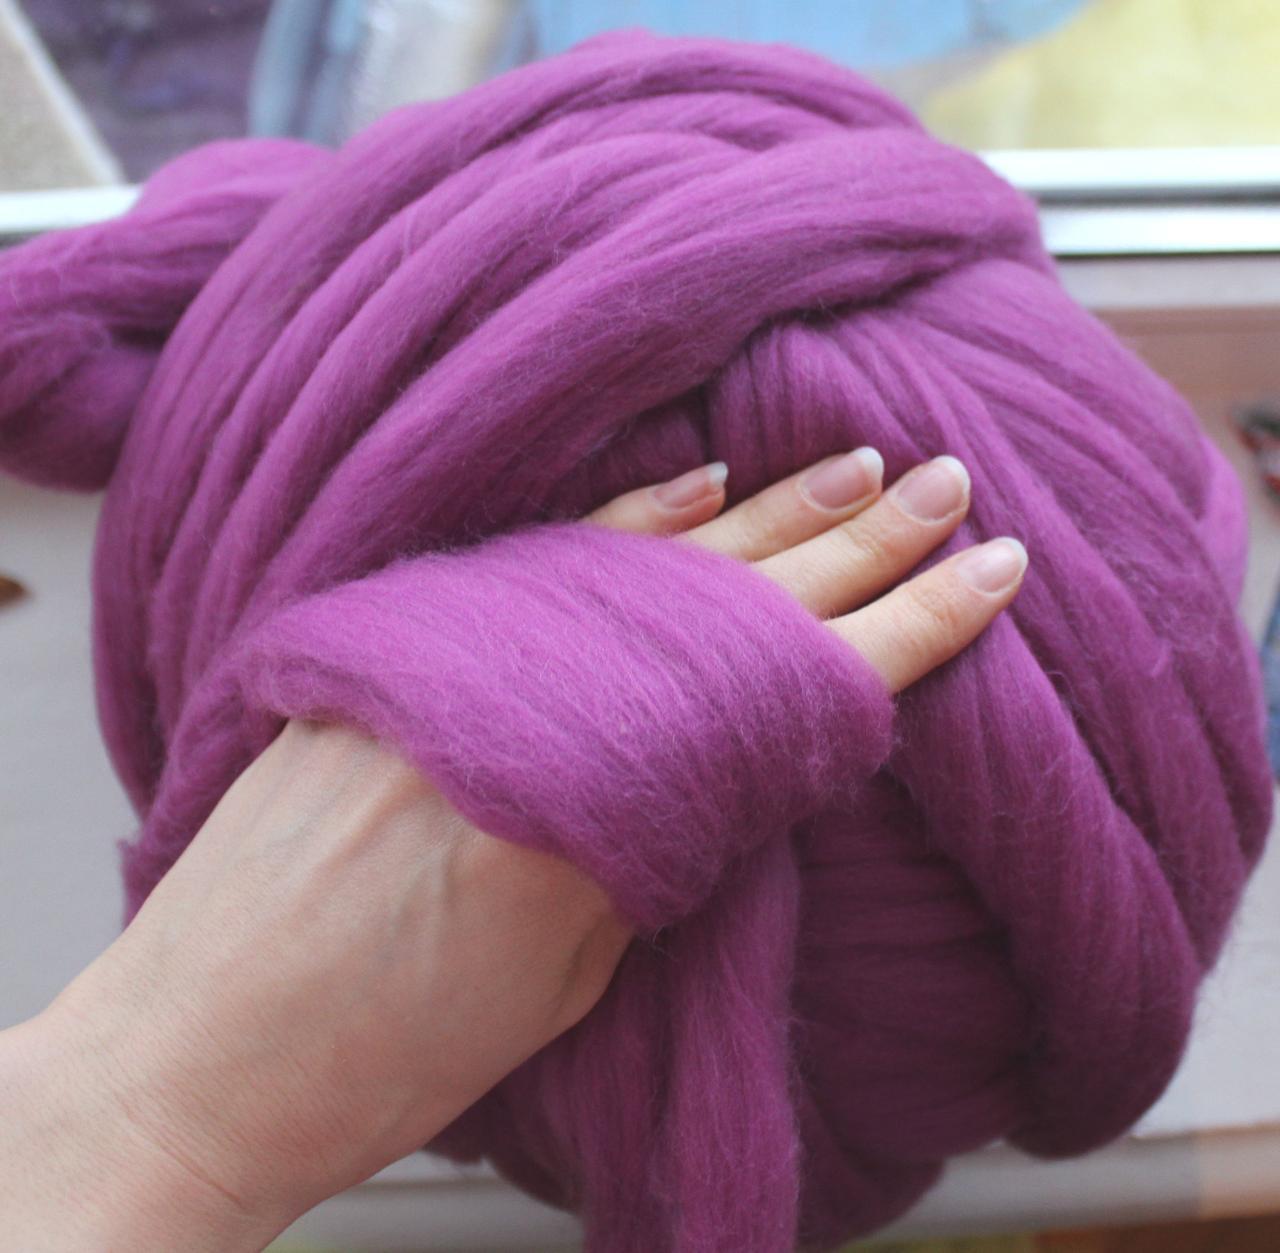 Толстая, крупная пряжа 100% шерсть 100г (4м). Цвет: Сирень. 25 мкрн. Топс. Лента для пледов